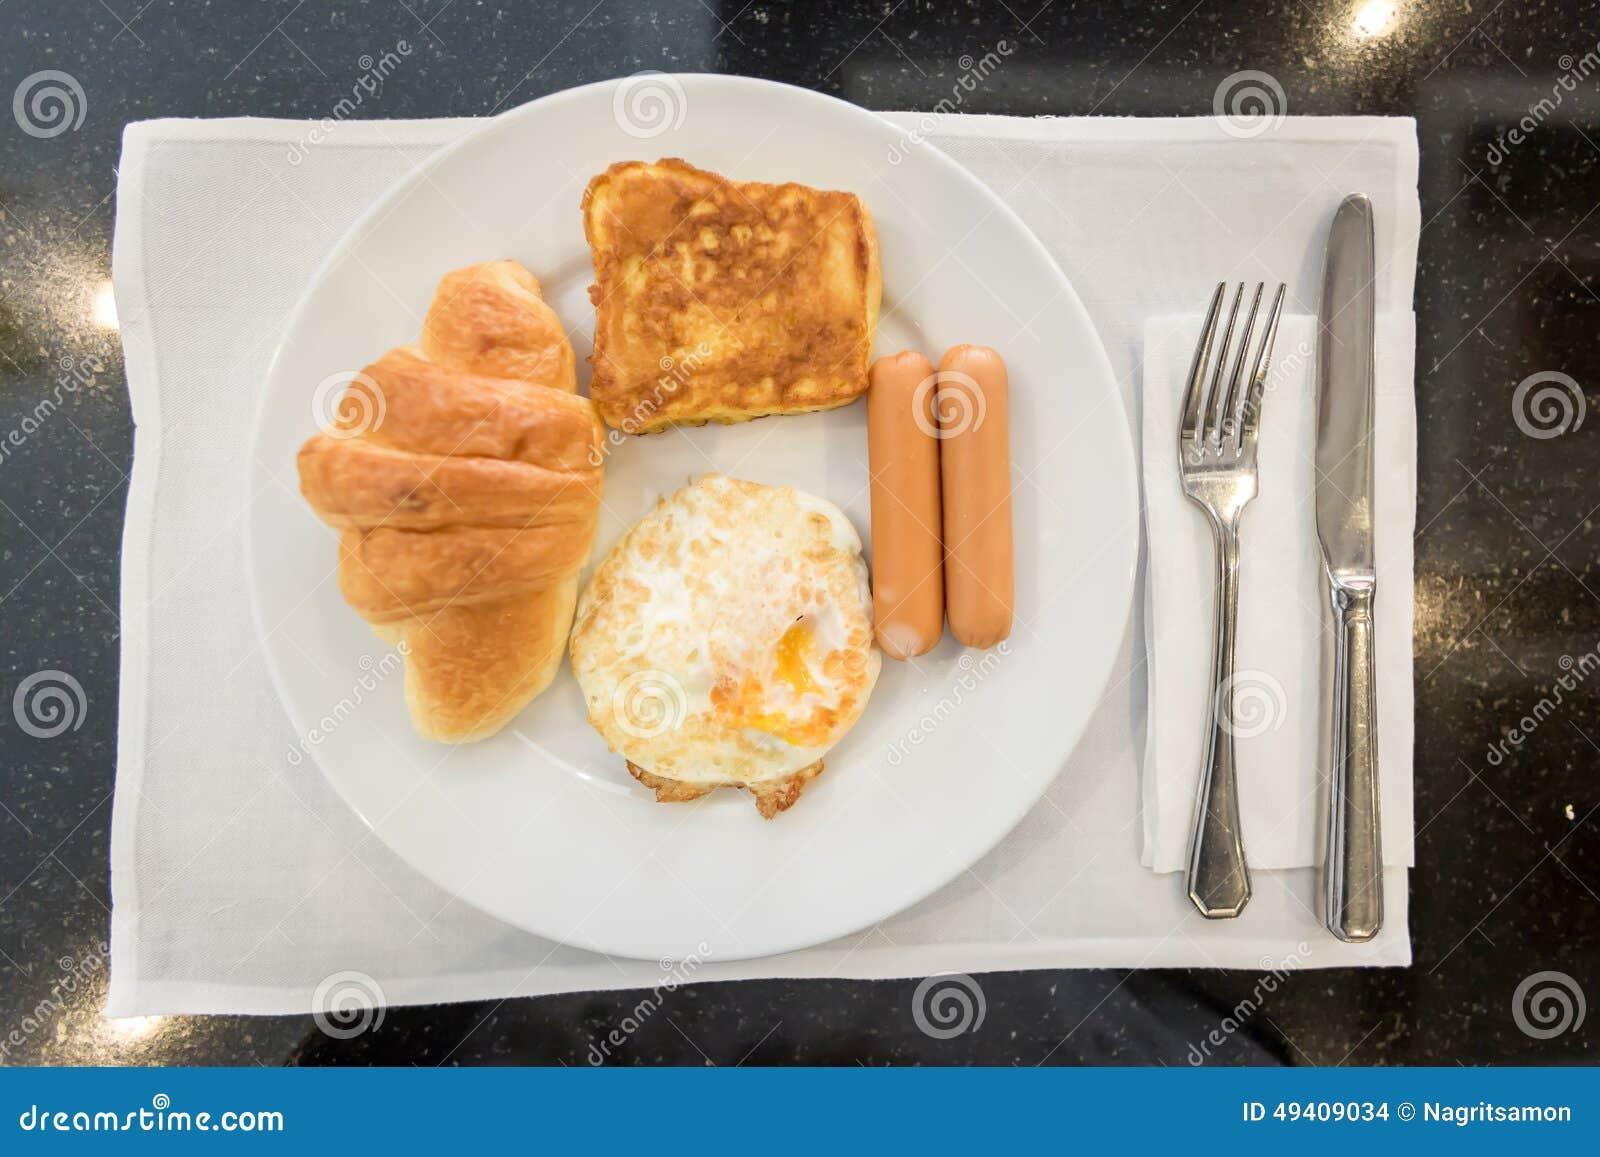 Download Englisches Frühstück Mit Spiegeleiern, Toast, Hörnchen Stockfoto - Bild von erdbeere, tabelle: 49409034